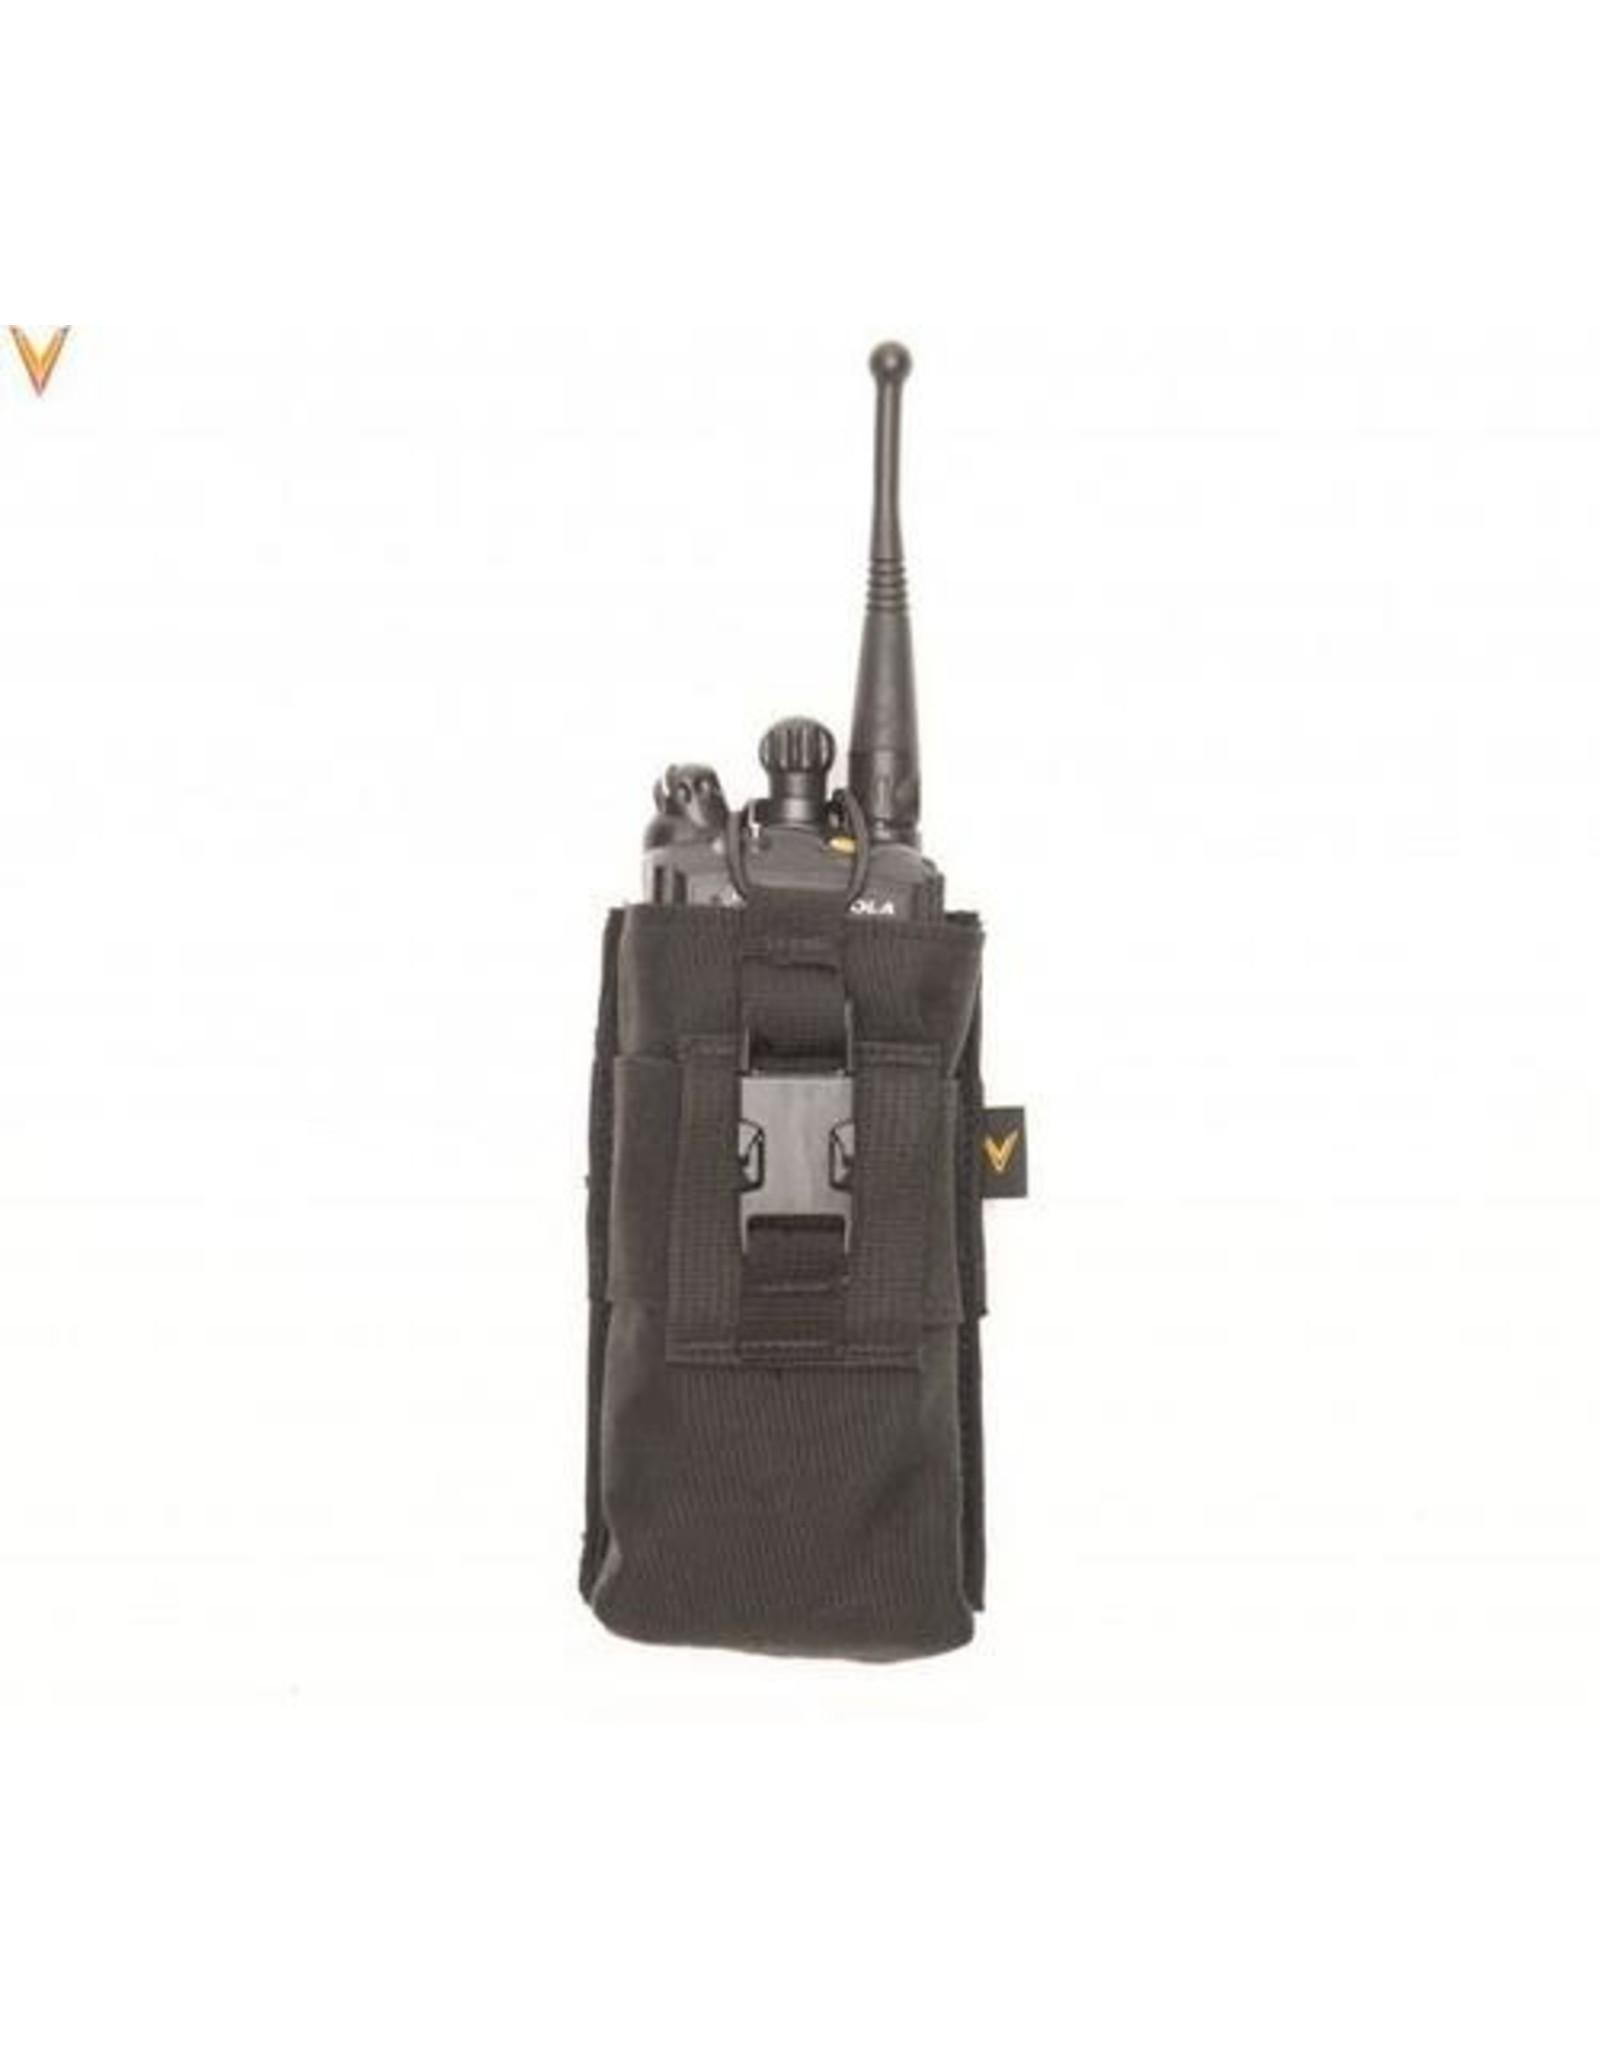 VELOCITY SYSTEMS VELOCITY SYSTEMS HELIUM WHISPER MOTOROLA RADIO POUCH